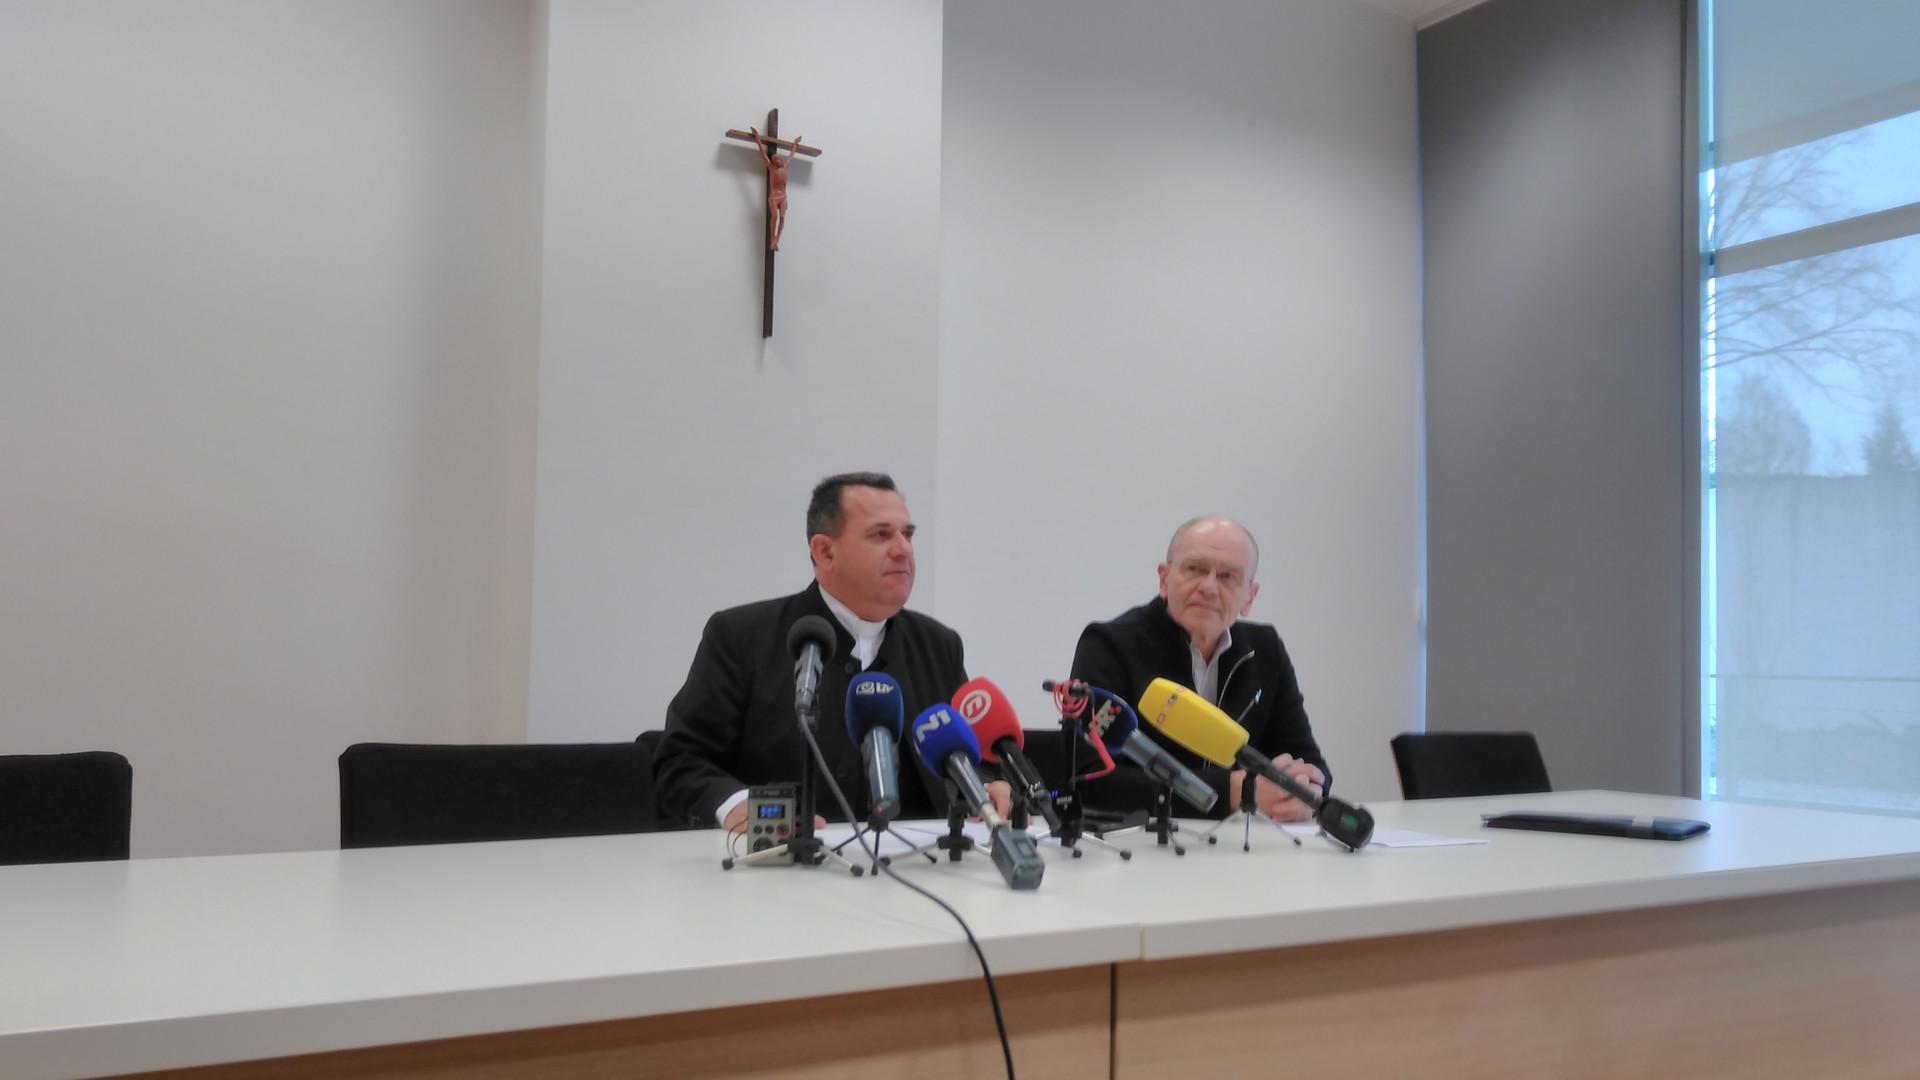 Izjava o Odluci Ustavnog suda Republike Hrvatske o svezi s ustavnošću Zakona o udomiteljstvu